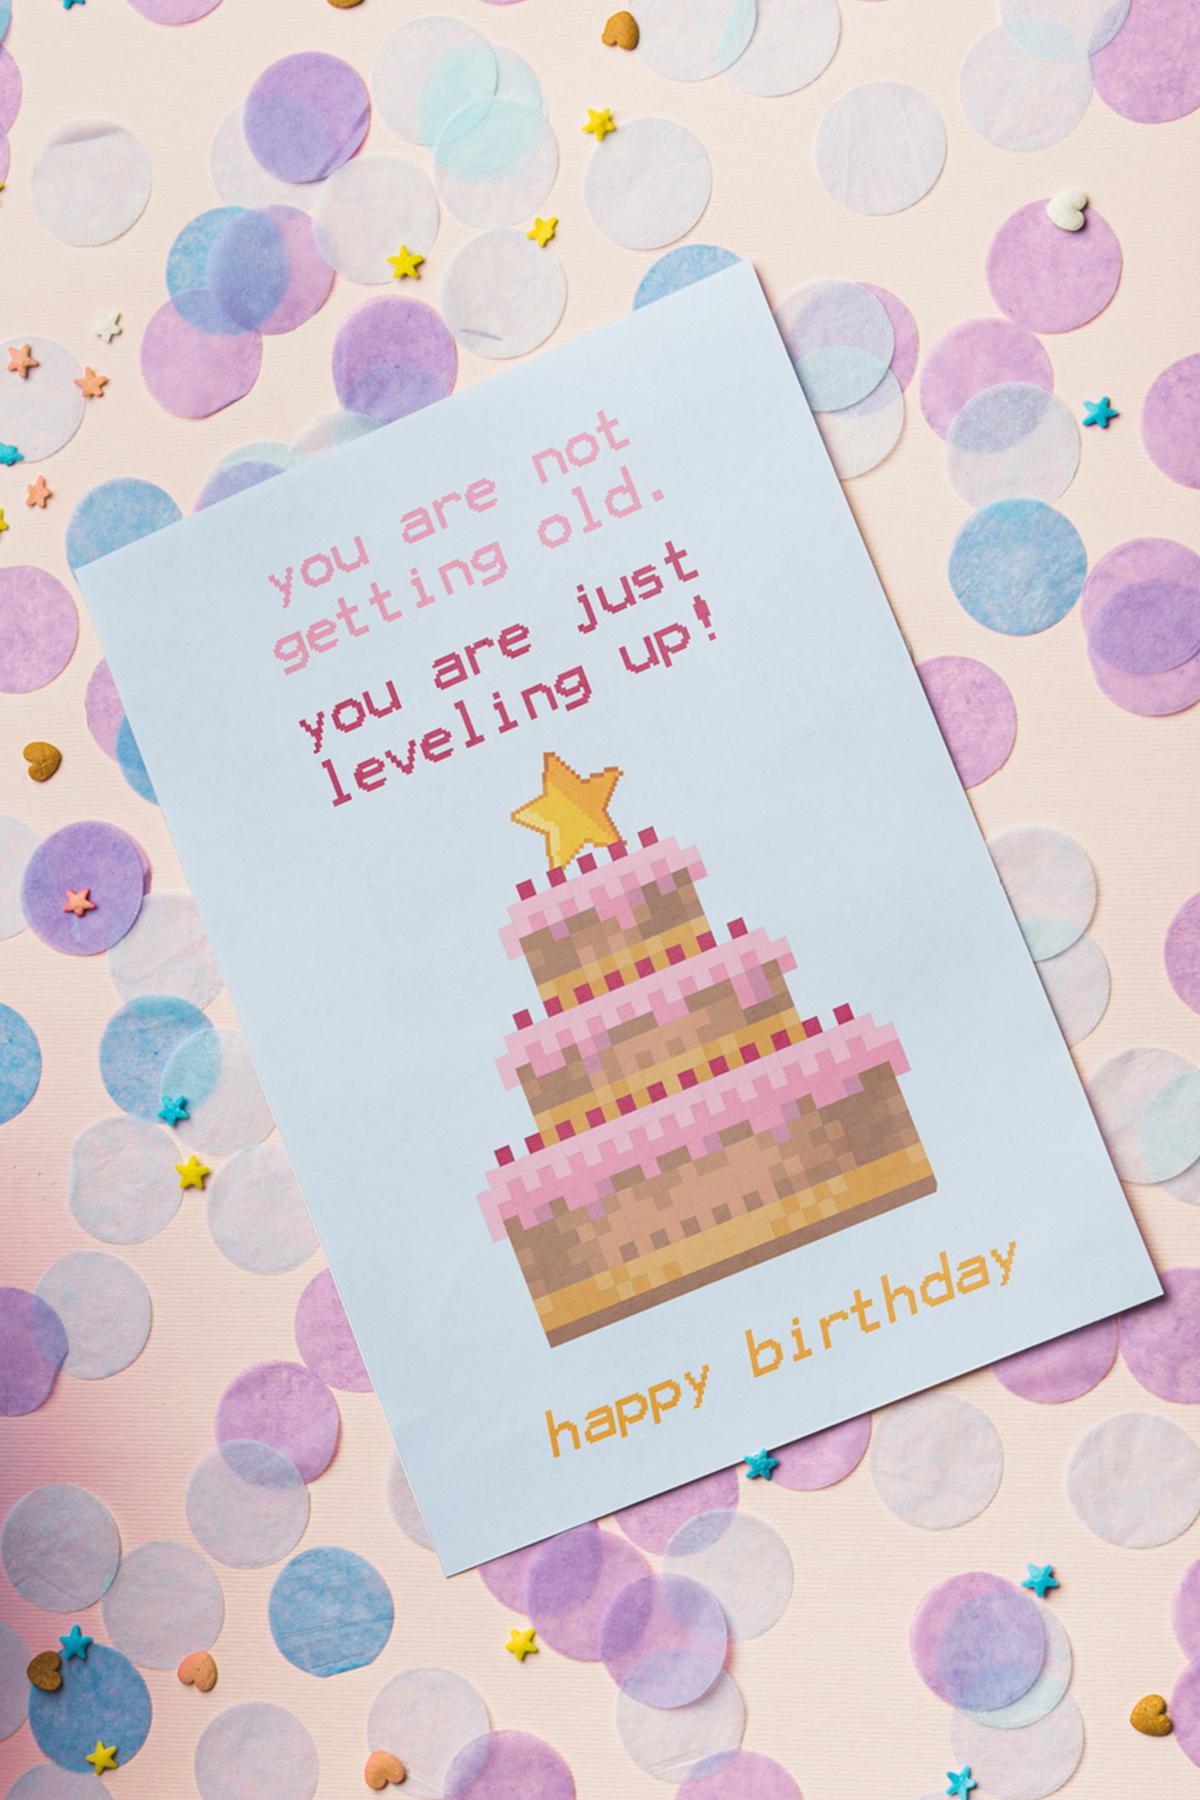 10 Coole Geburtstagskarten Zum Ausdrucken   Free Printable innen Glückwunschkarten Kostenlos Zum Ausdrucken